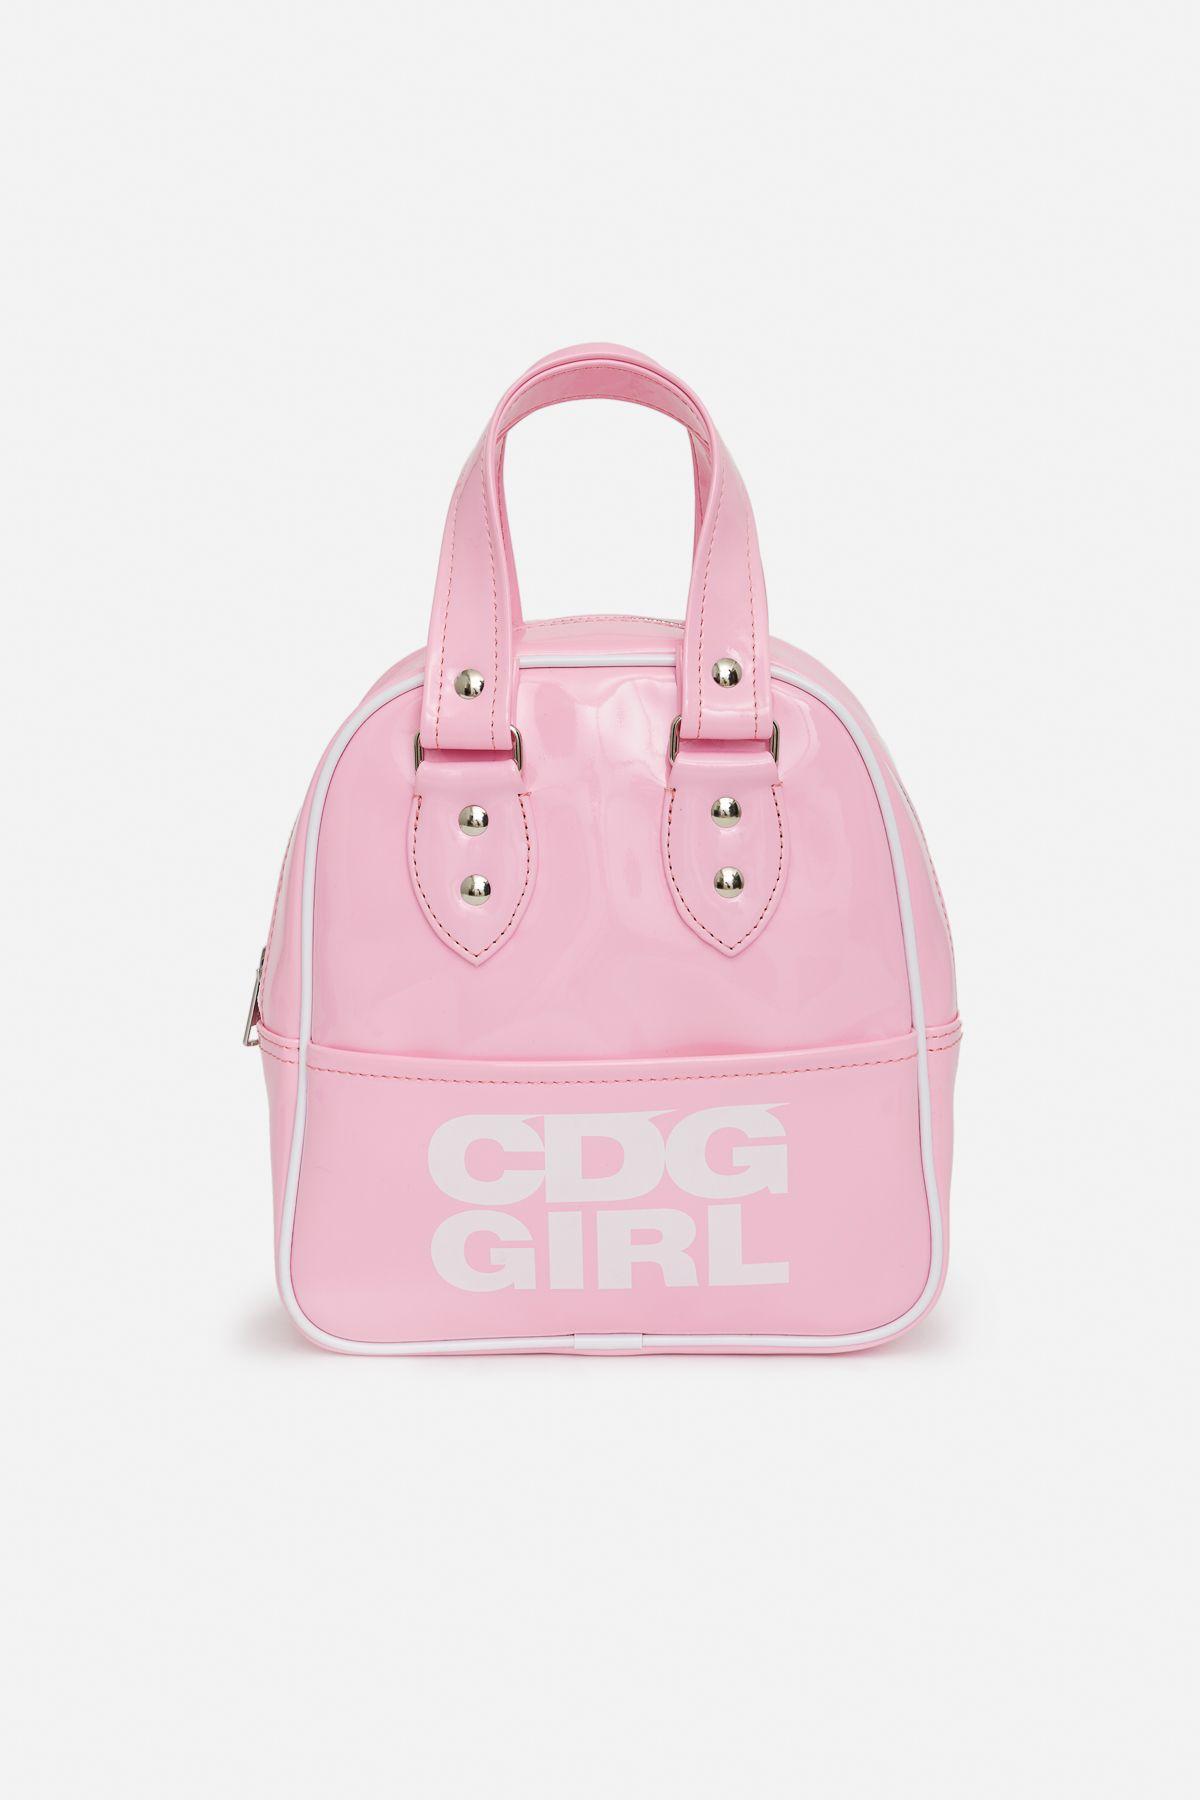 222e842cff0b Comme des Garcons Girl CDG GIRL Logo Hand Bag - WOMEN - Comme des Garcons  Girl - OPENING CEREMONY